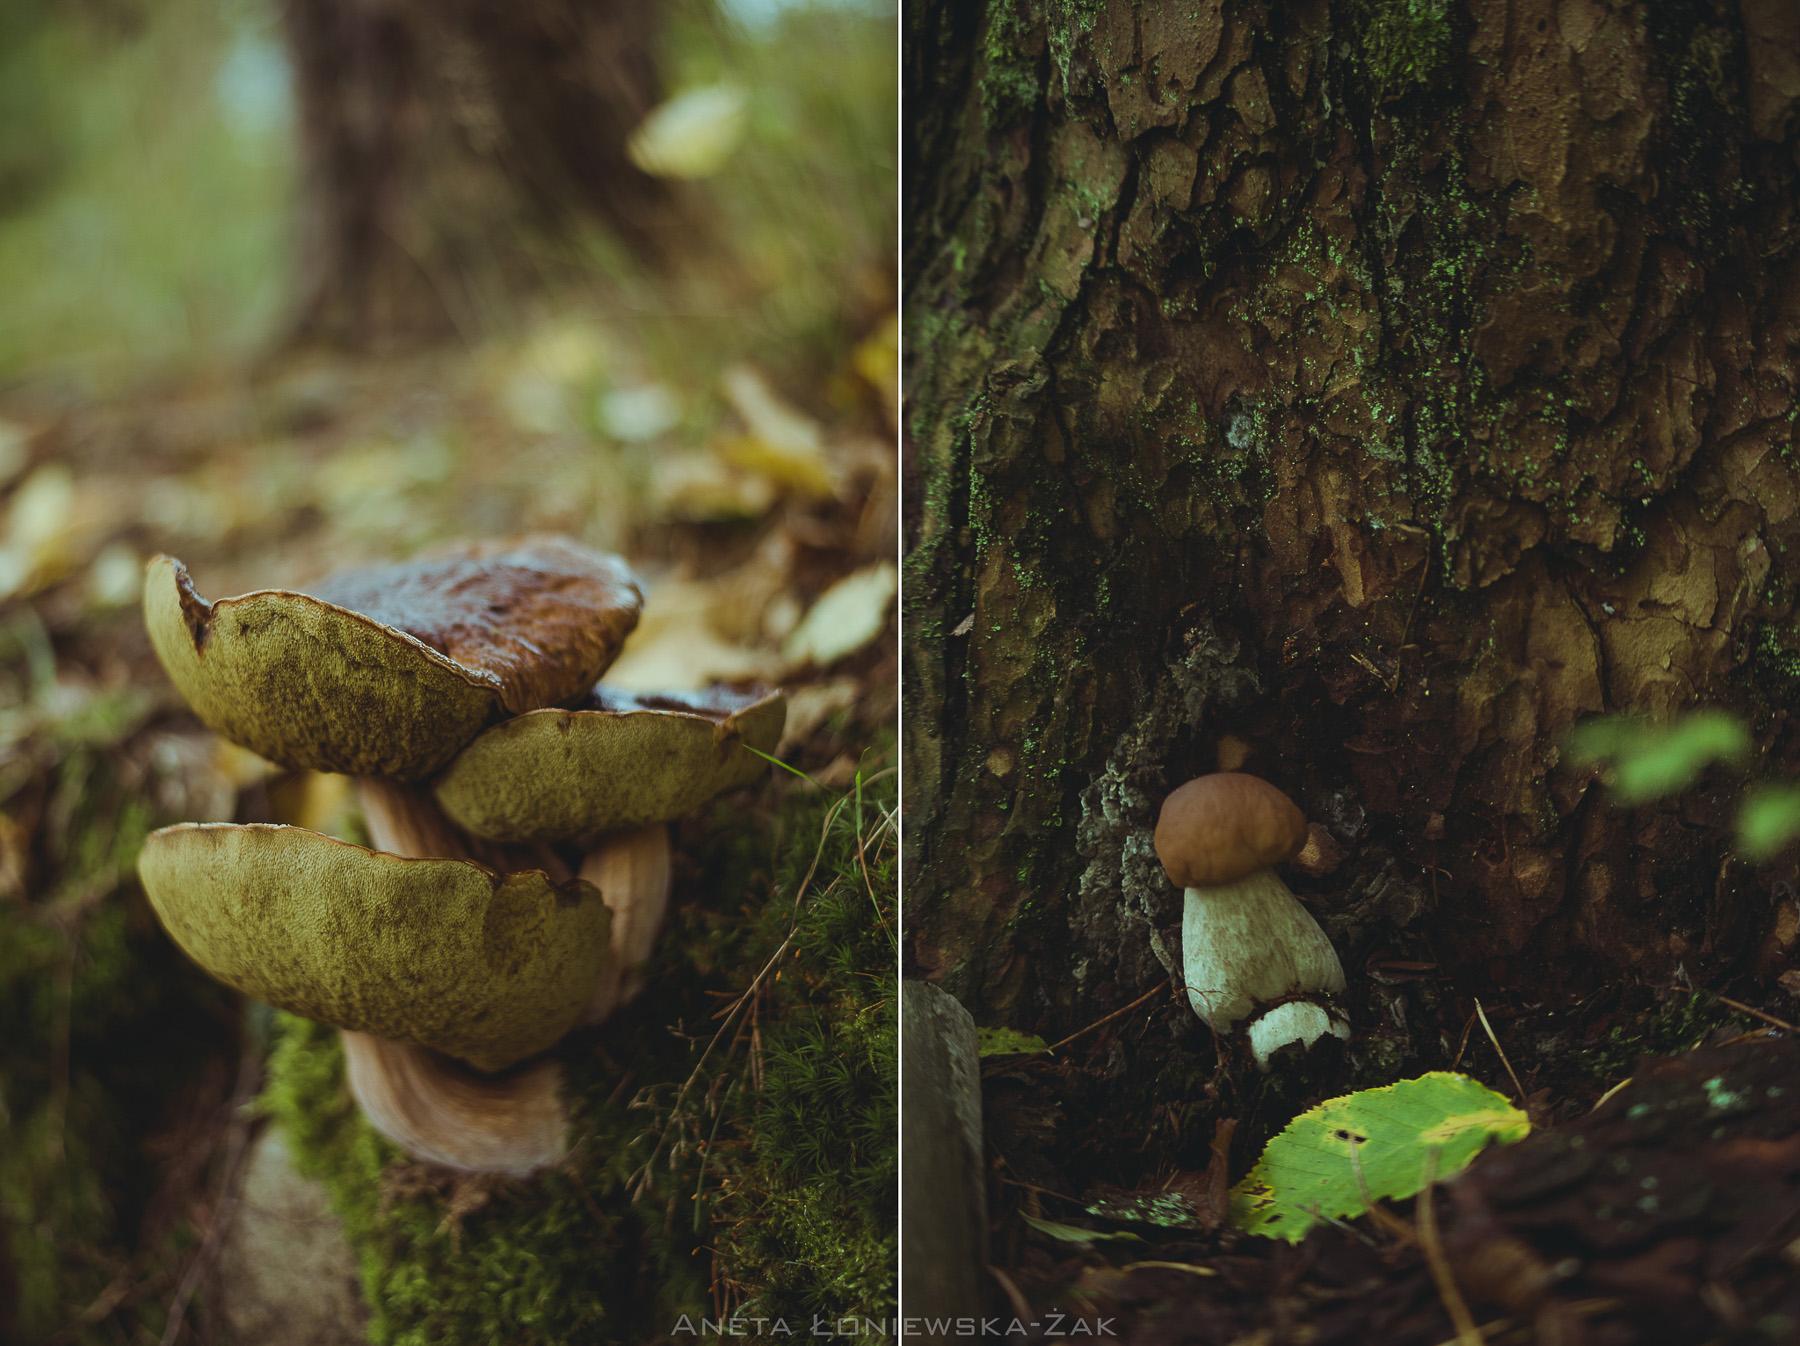 fotografia przyrodnicza, puszcza knyszyńska, podlasie, pkpk, borowik prawdziwek podlasie